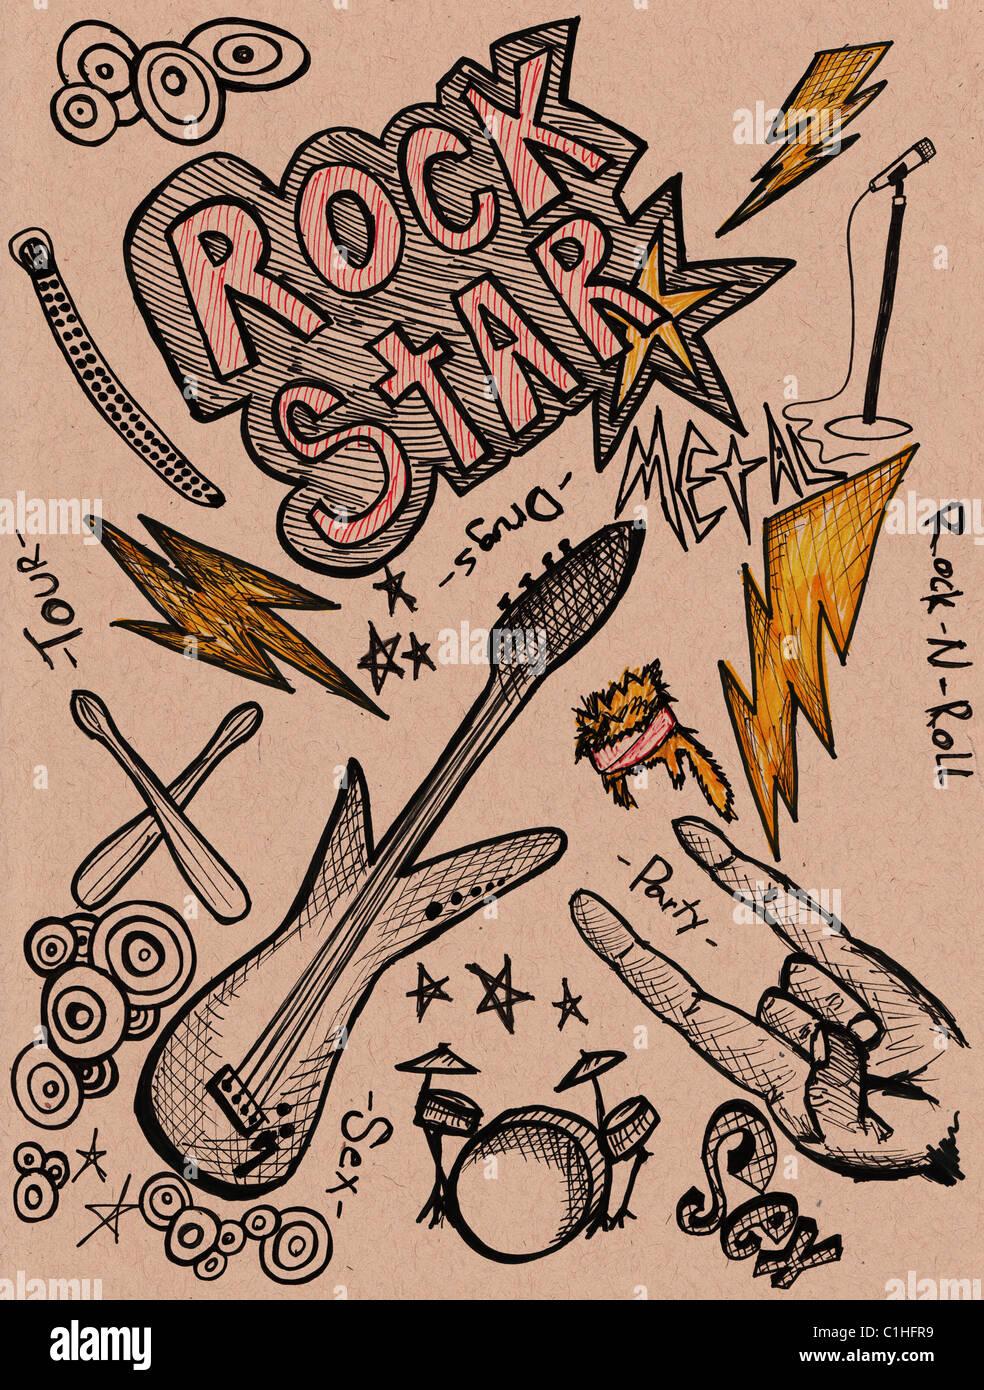 Disegnata a mano scarabocchi gli elementi di design scetch gli scarabocchi disegno Foto Stock